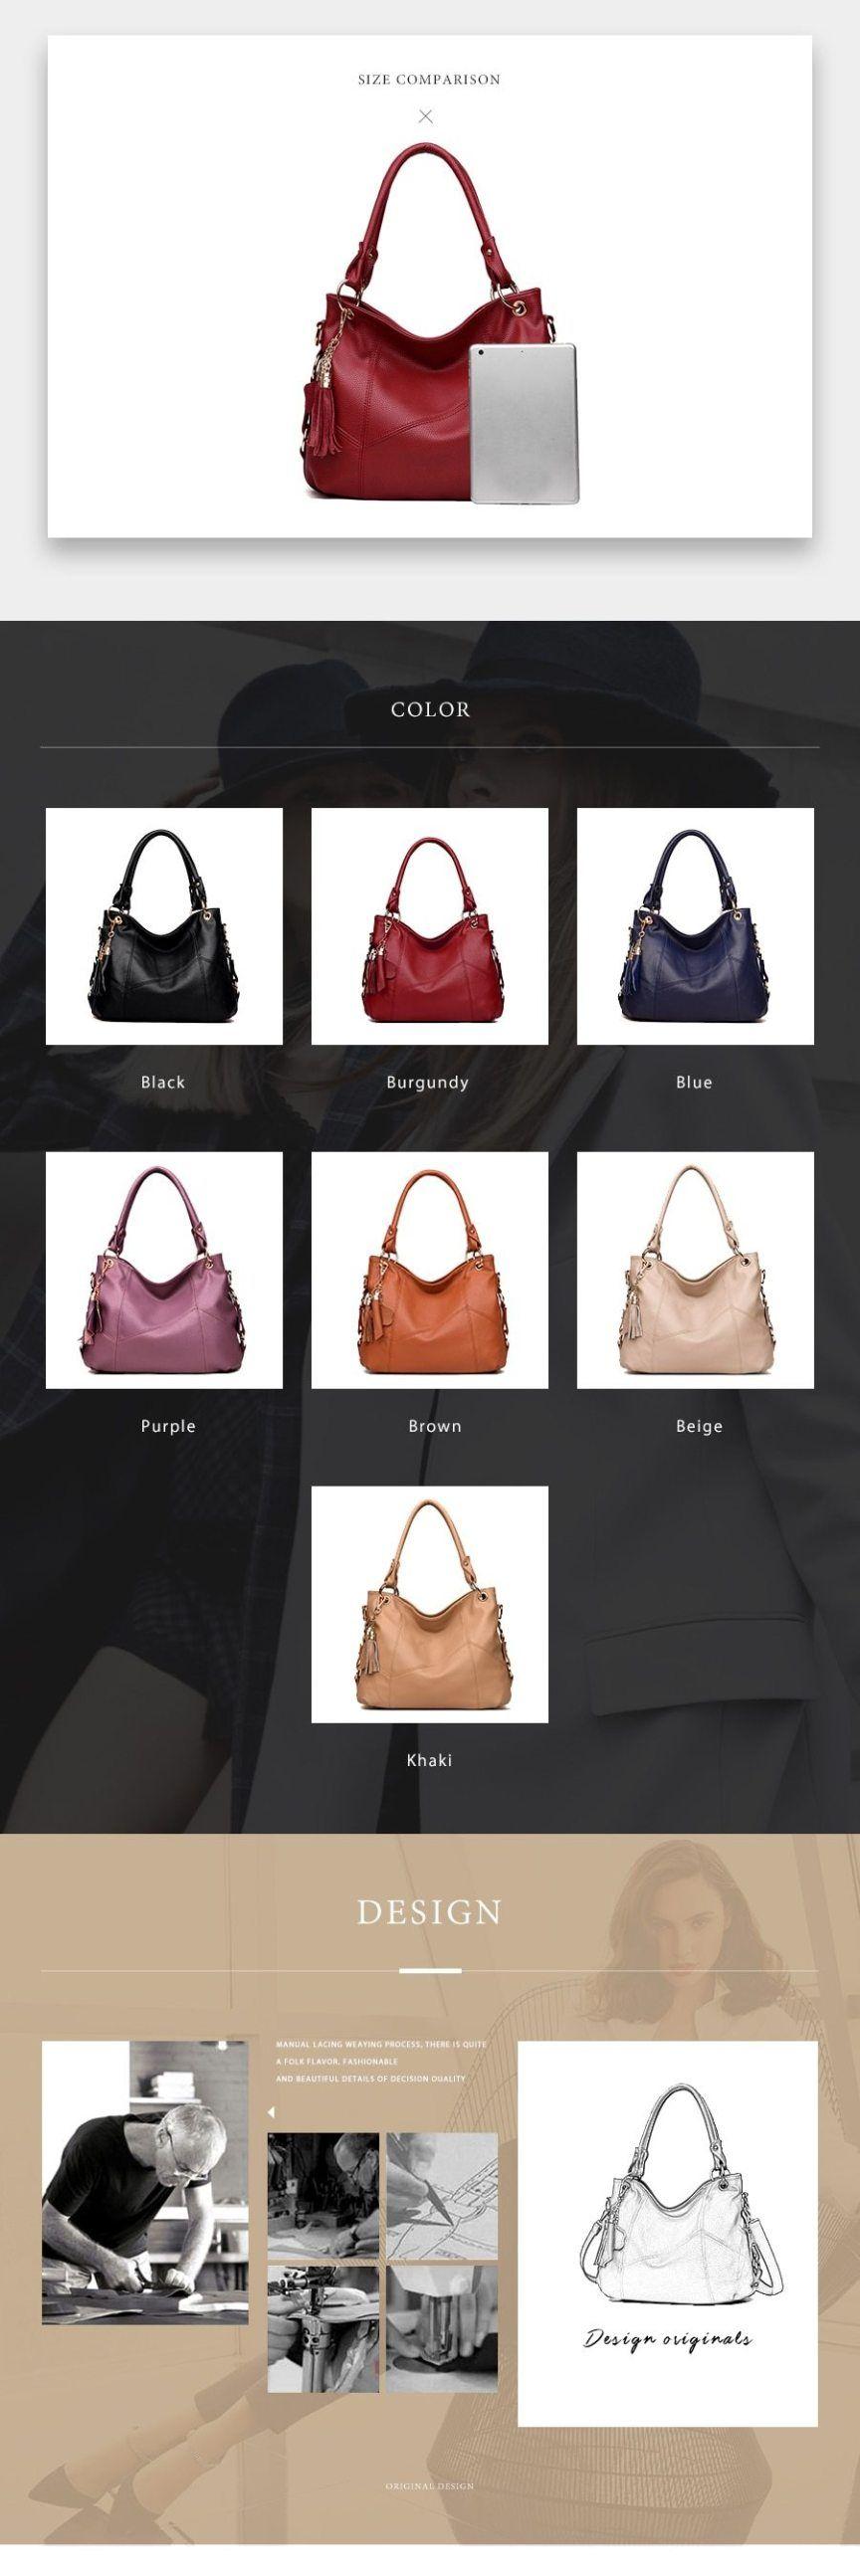 Lanzhixin Bolsas de mensajero para mujer Nuevo bolso de diseñador Bolsos de hombro con asas retro Bolsos con asa superior Vintage Bolsa Feminina 518